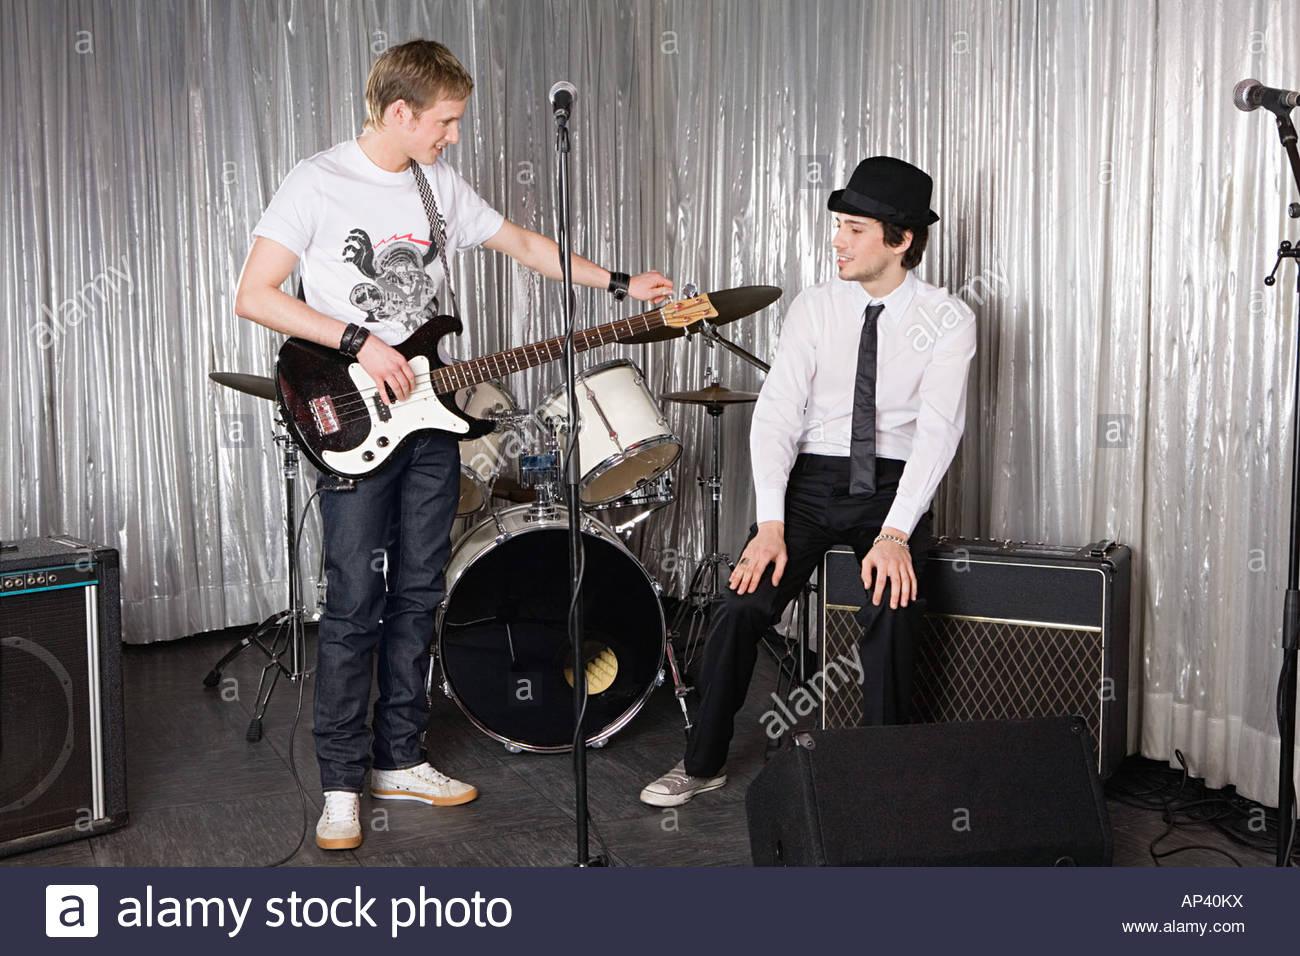 Guitarist tuning guitar - Stock Image